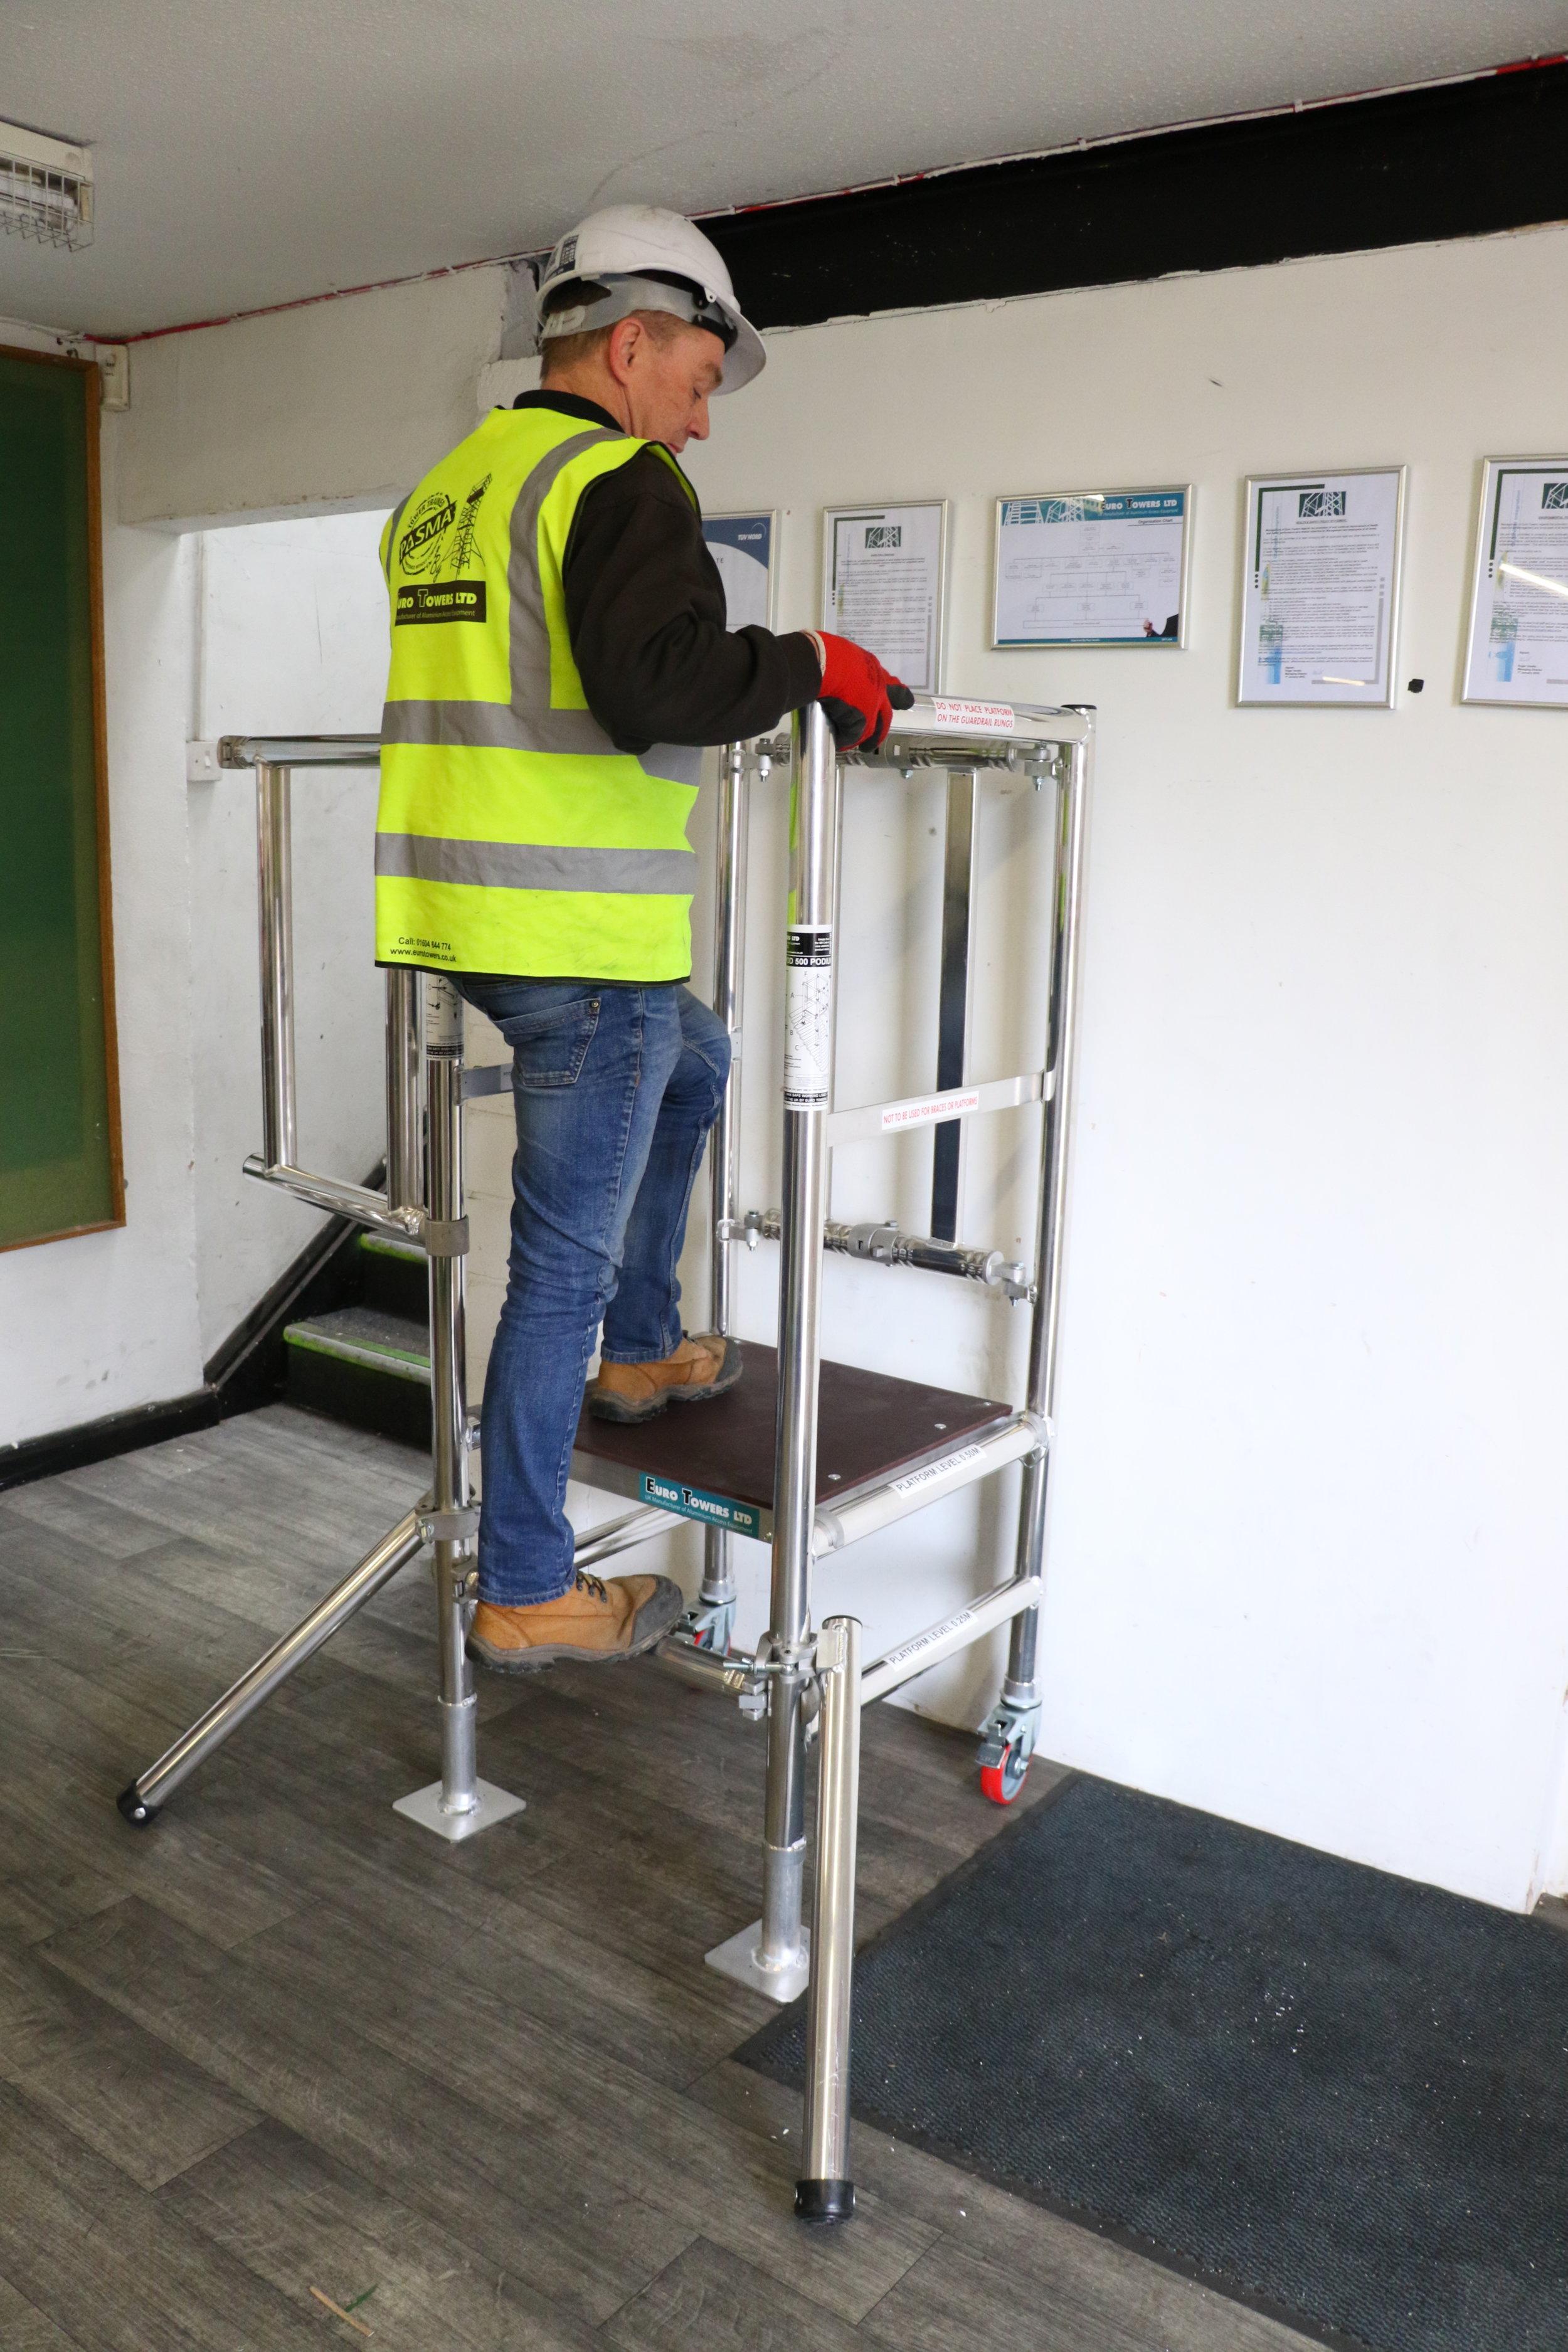 Aluminium podium, Aluminium access tower system, Euro Towers